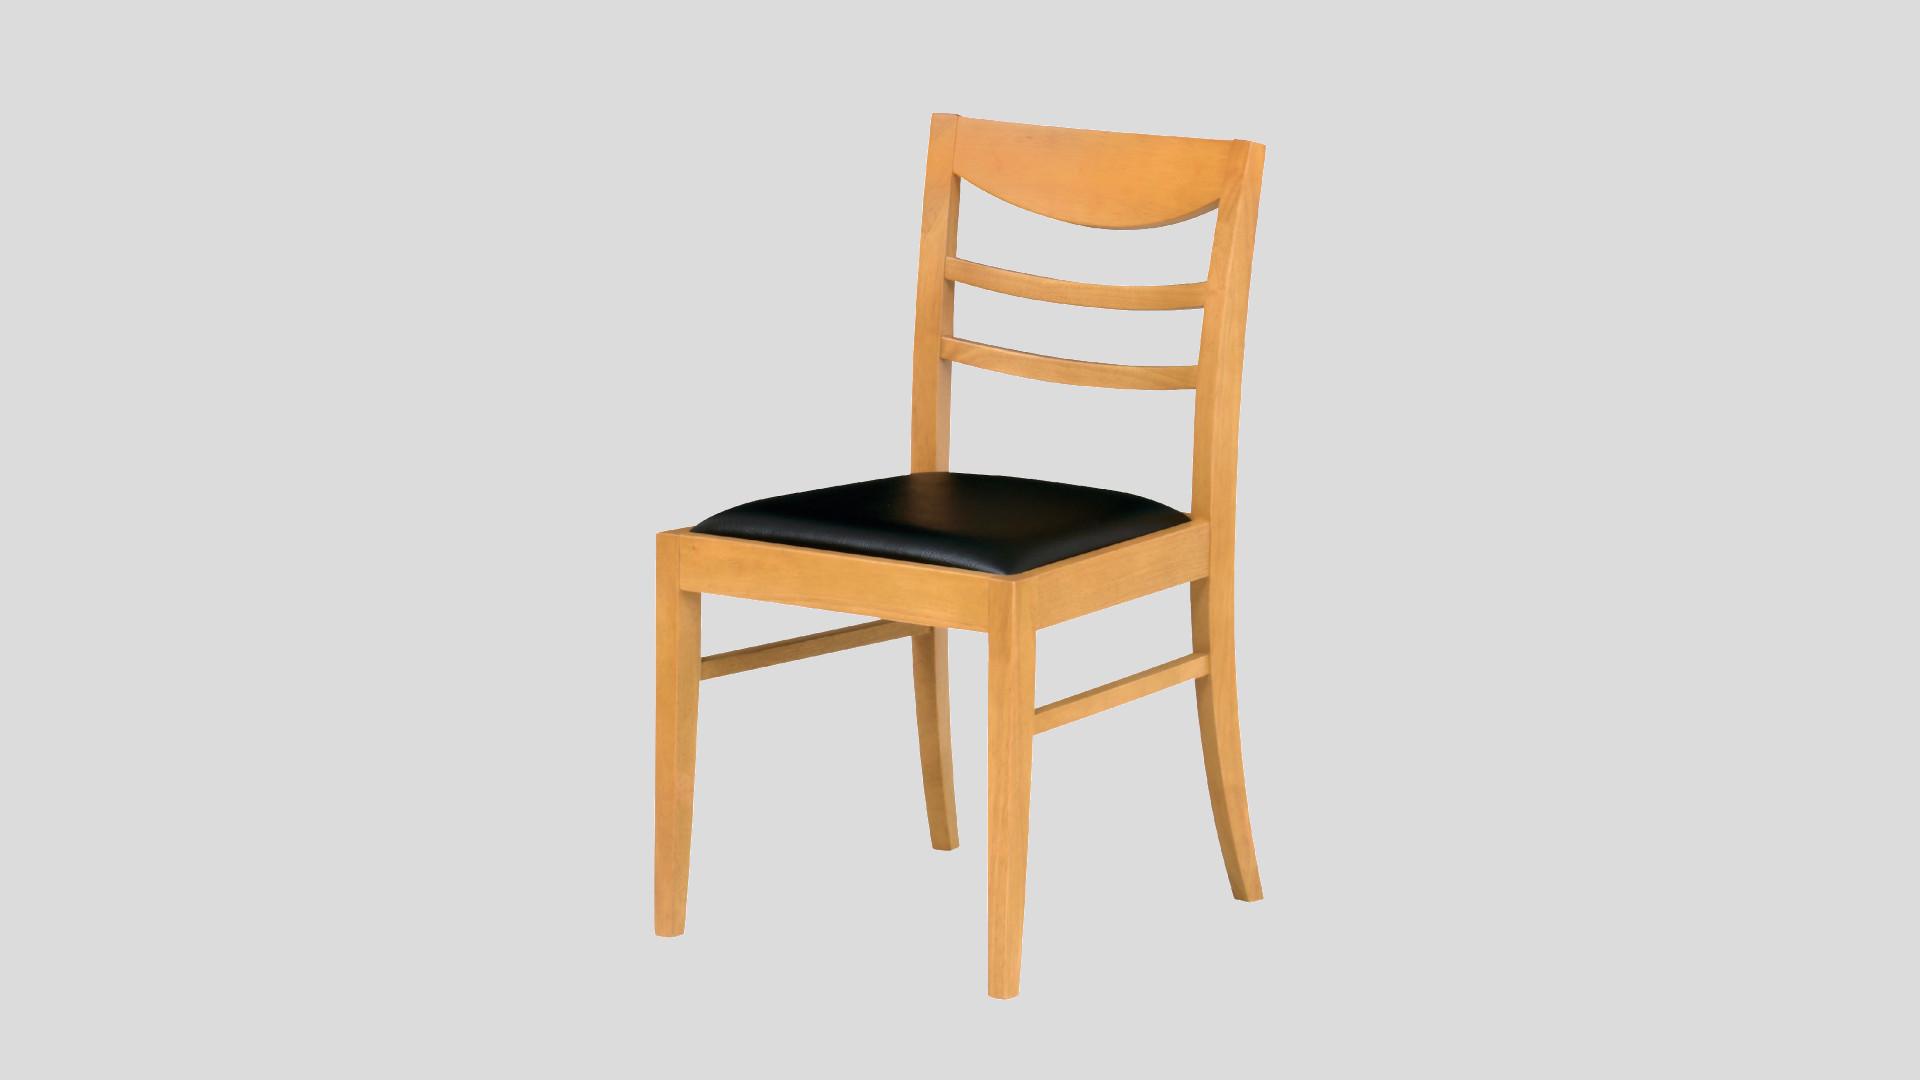 木製イス⑥ イメージ